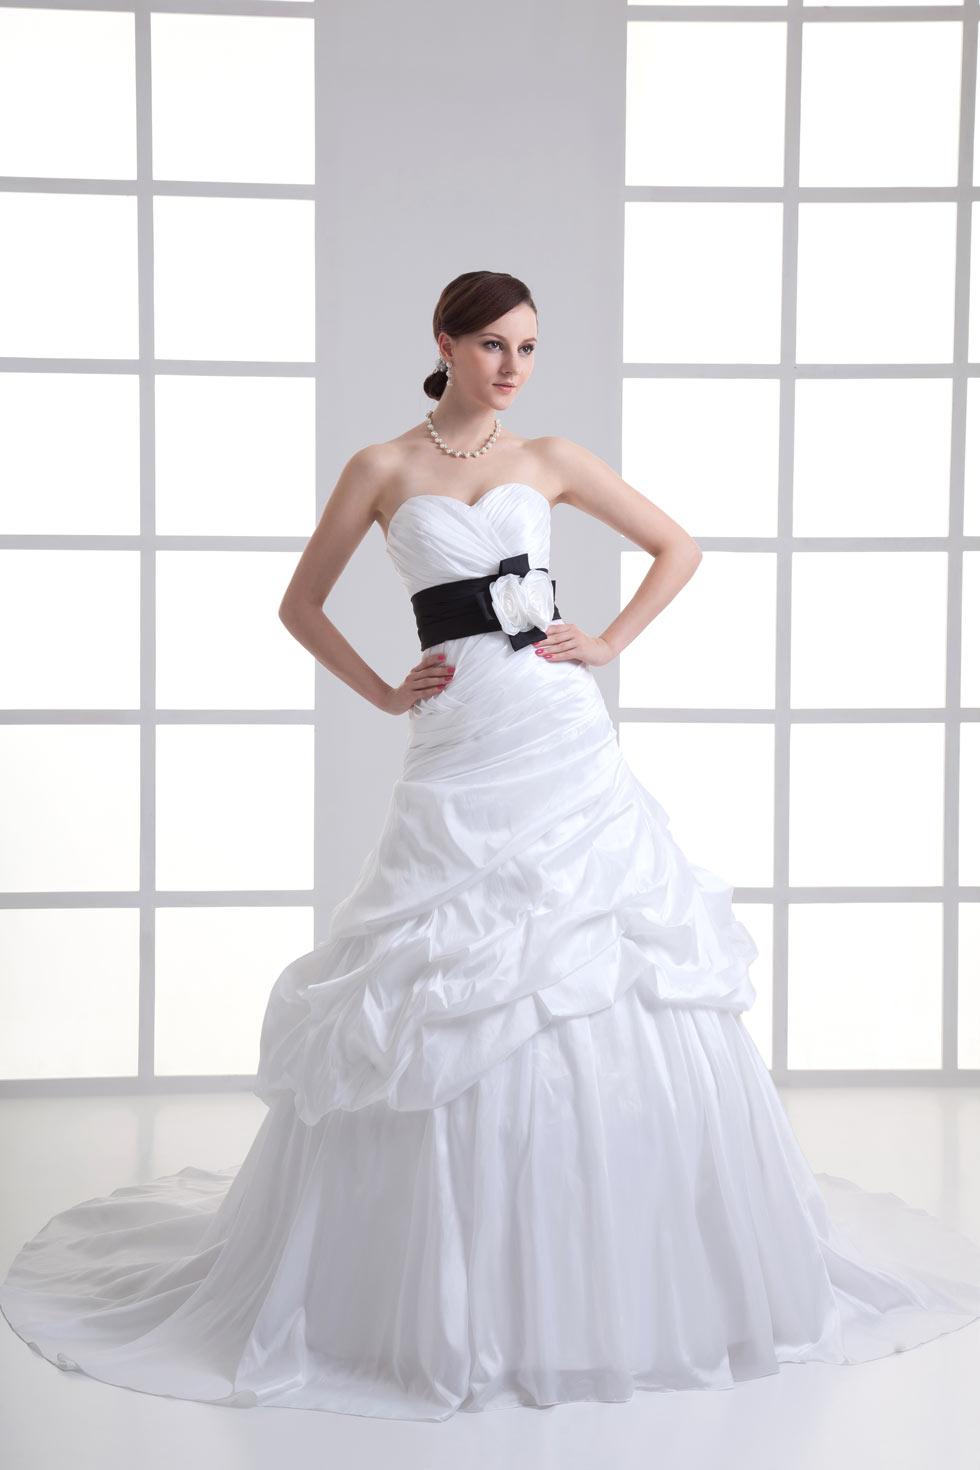 feb7d43edf8 Robe blanche de mariée ruchée ceinturé en noir avec fleur - Persun.fr